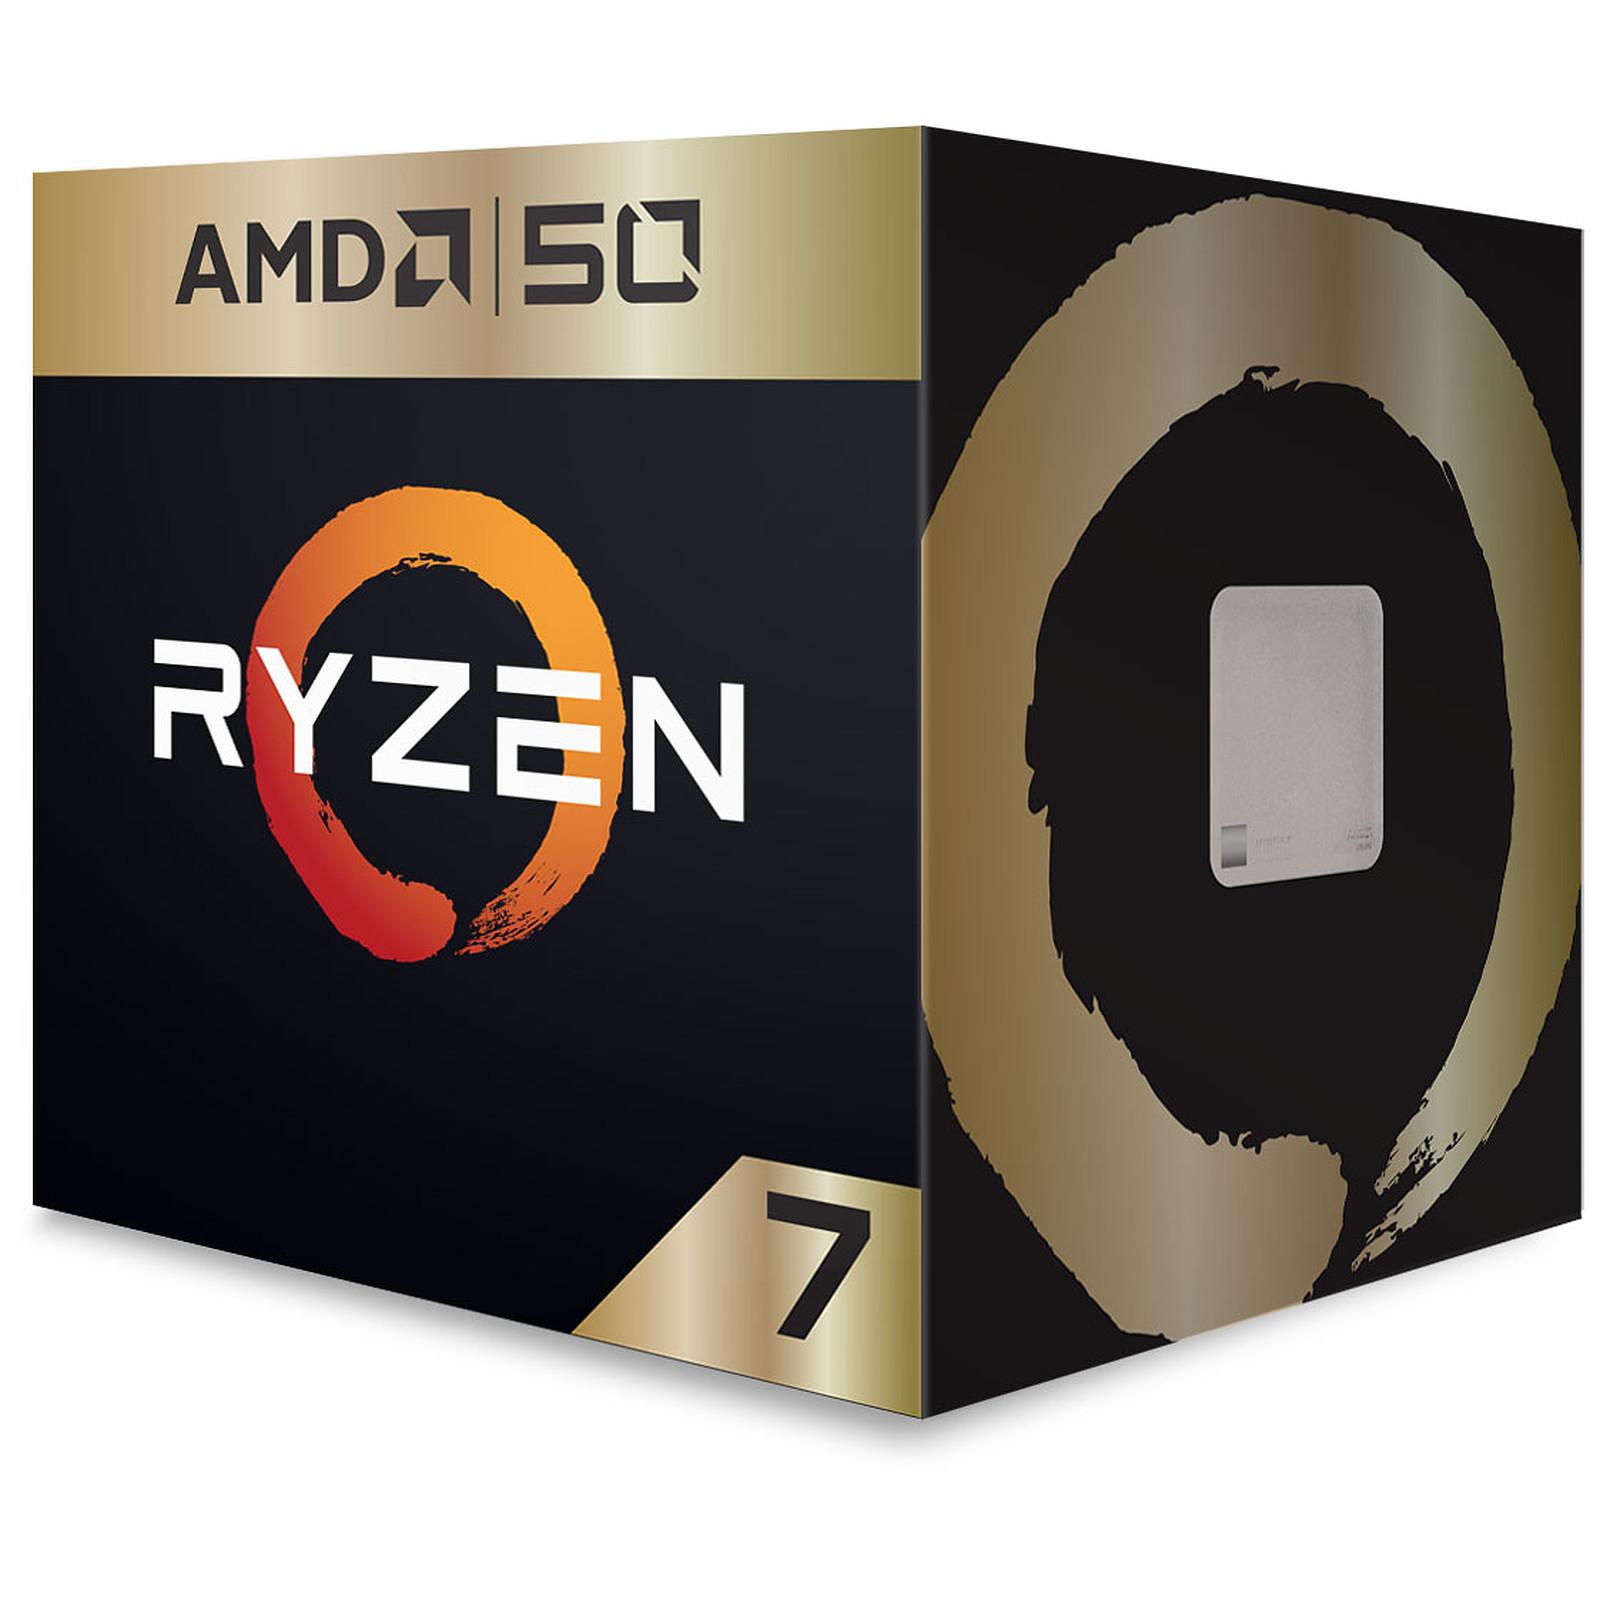 AMD Ryzen 7 2700X Gold Edition (3.7 GHz/ 4.3 GHz)